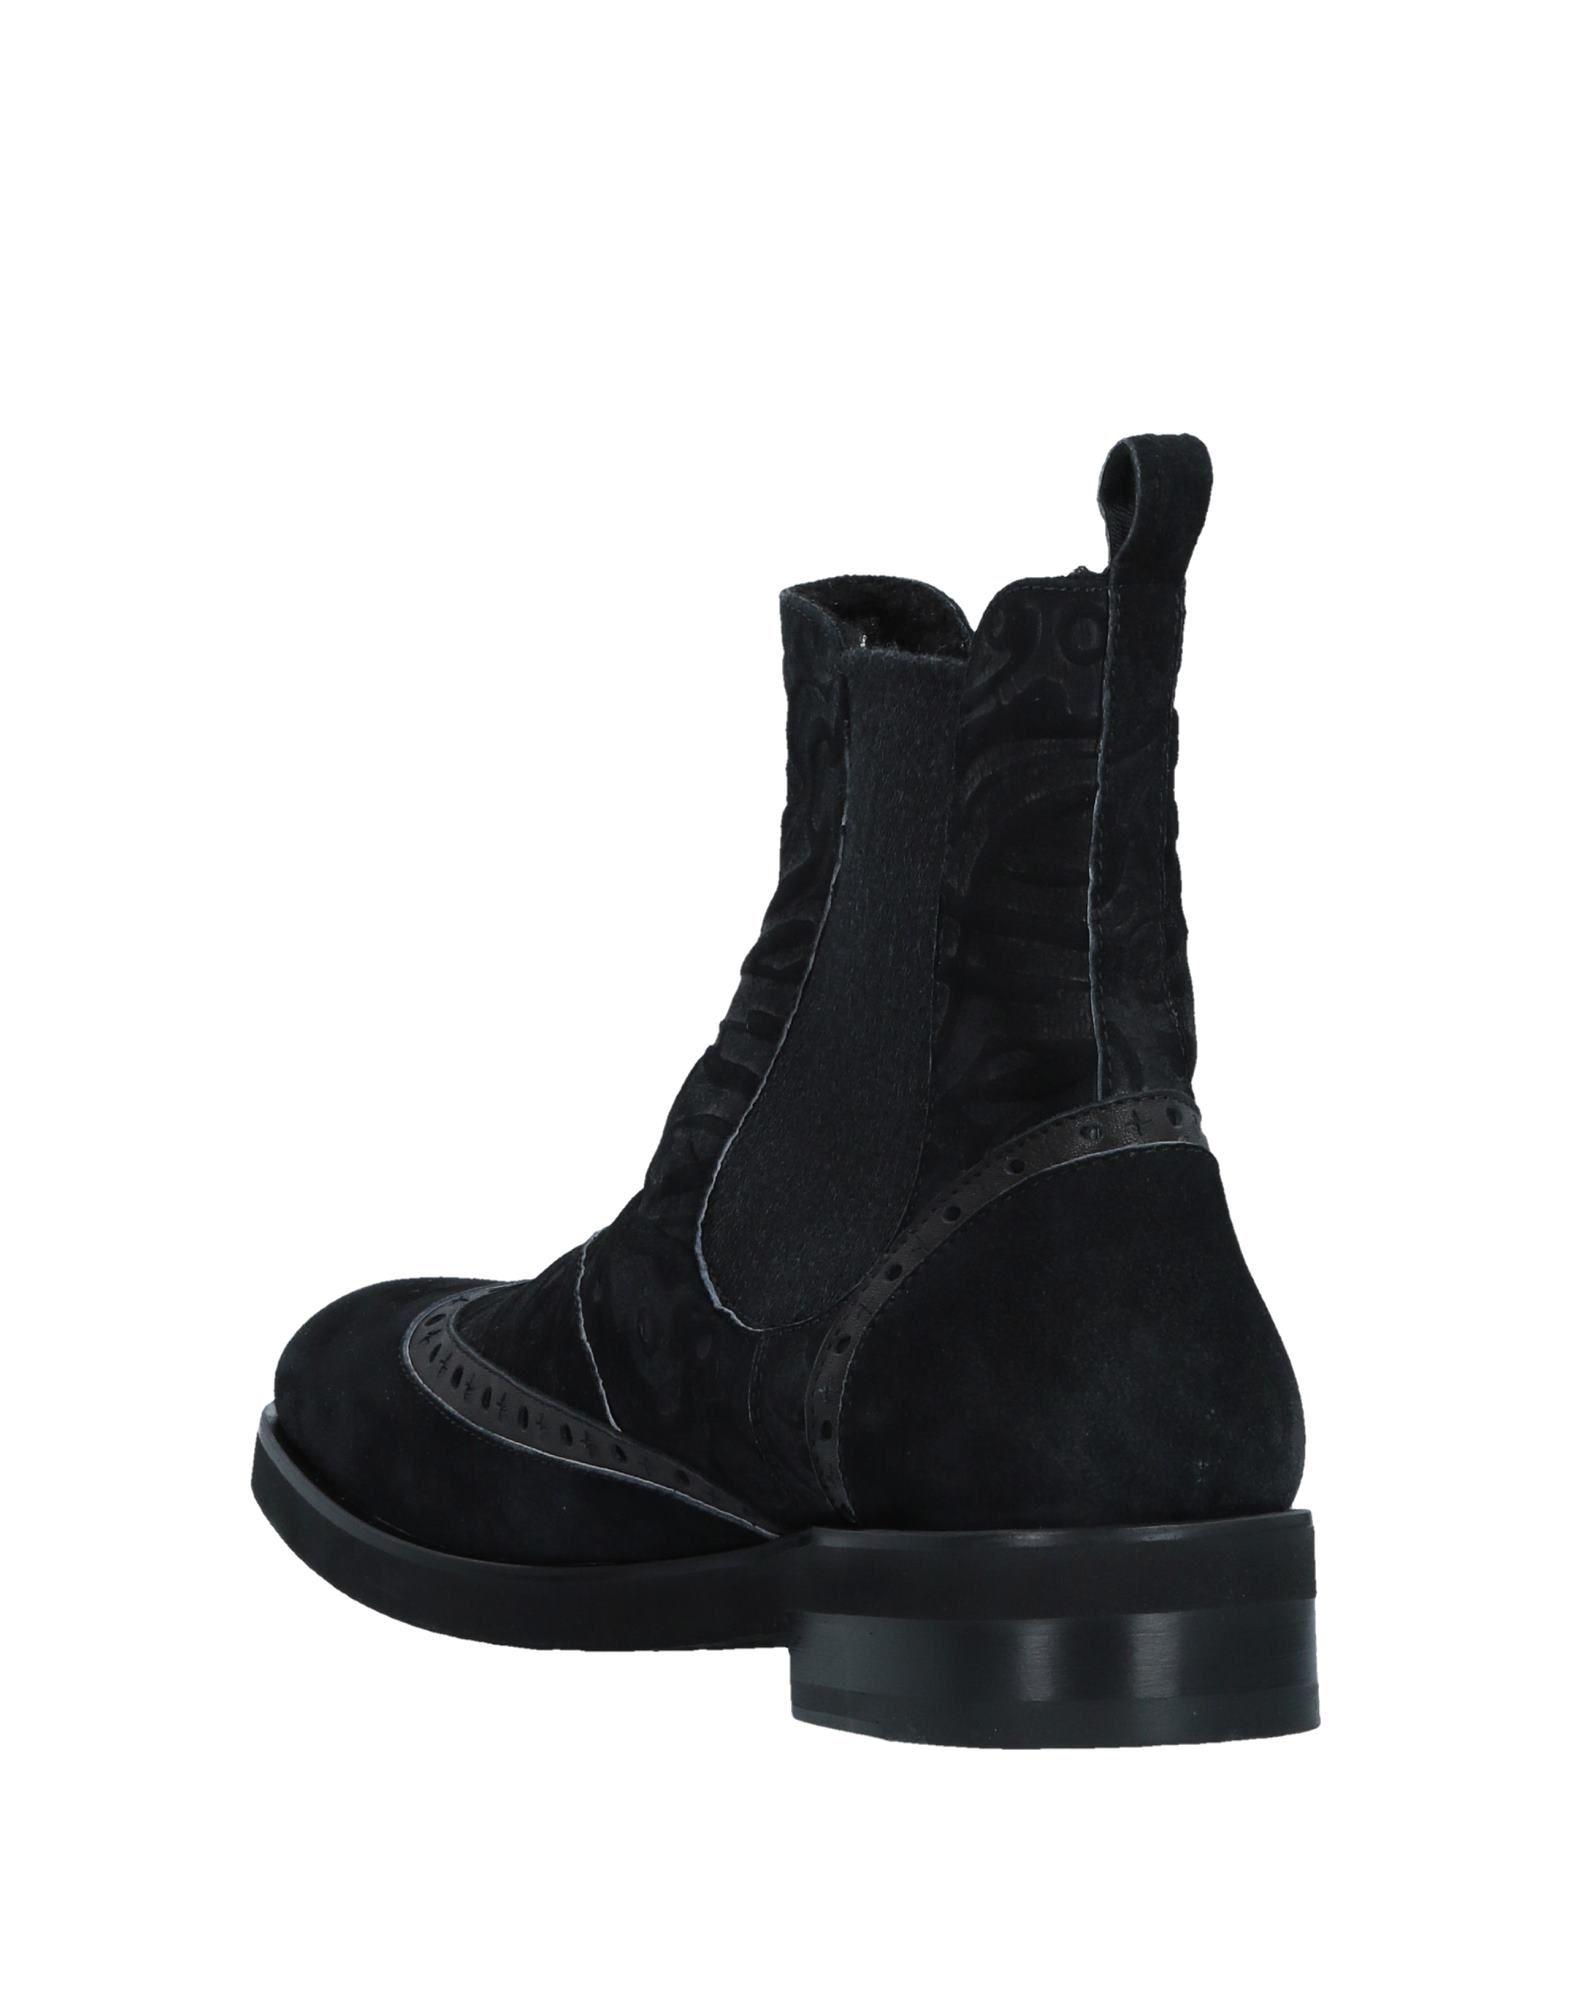 John Richmond Stiefelette Herren  11531112IU Gute Qualität beliebte Schuhe